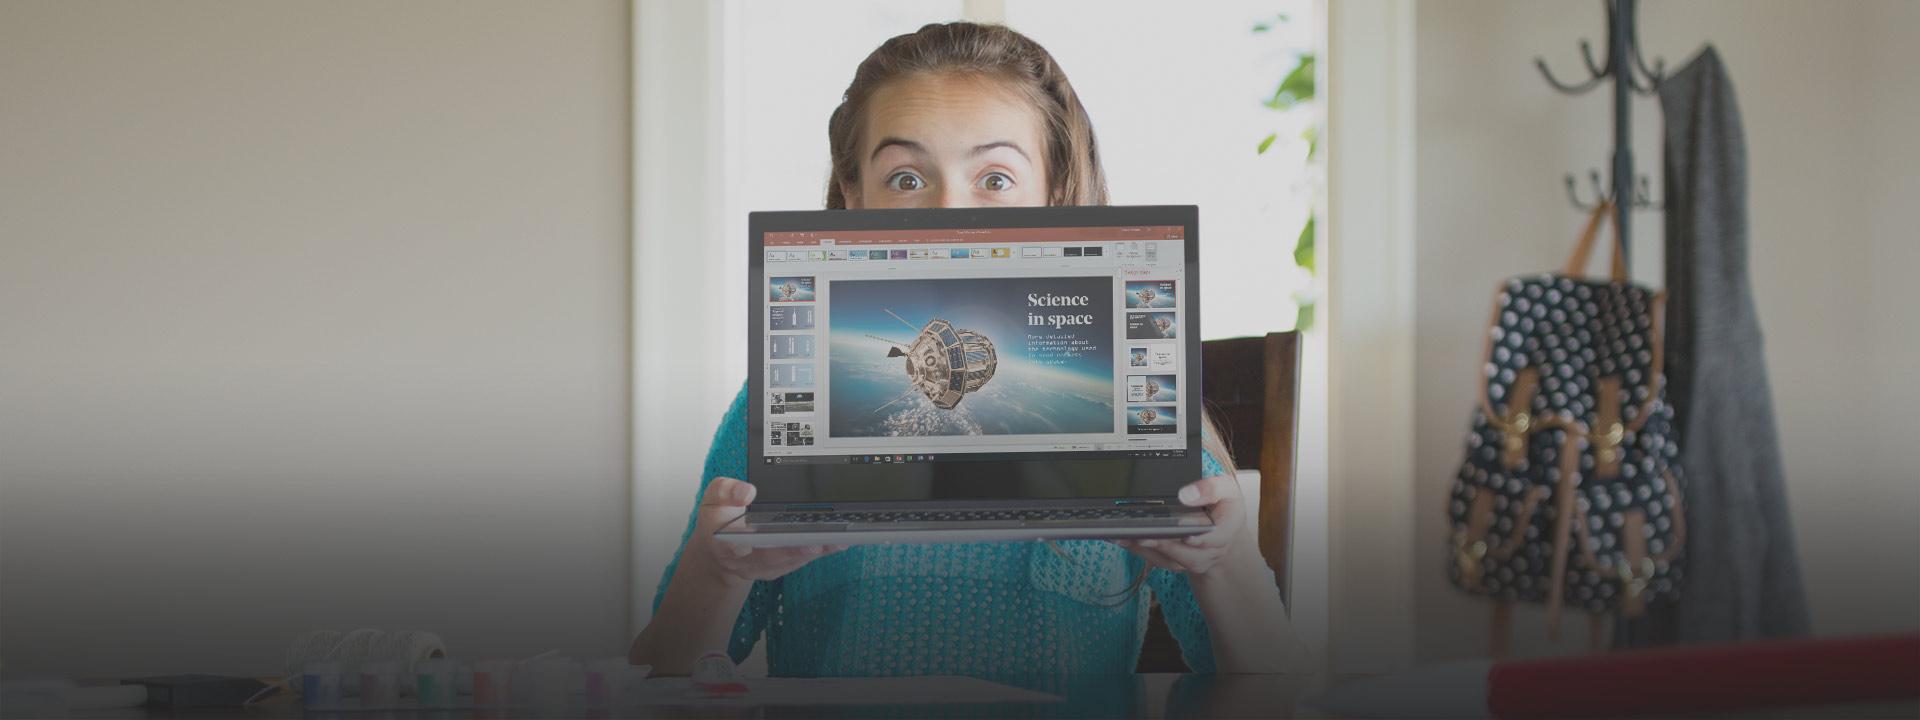 Υπολογιστής, ενημερωθείτε σχετικά με το Office 365